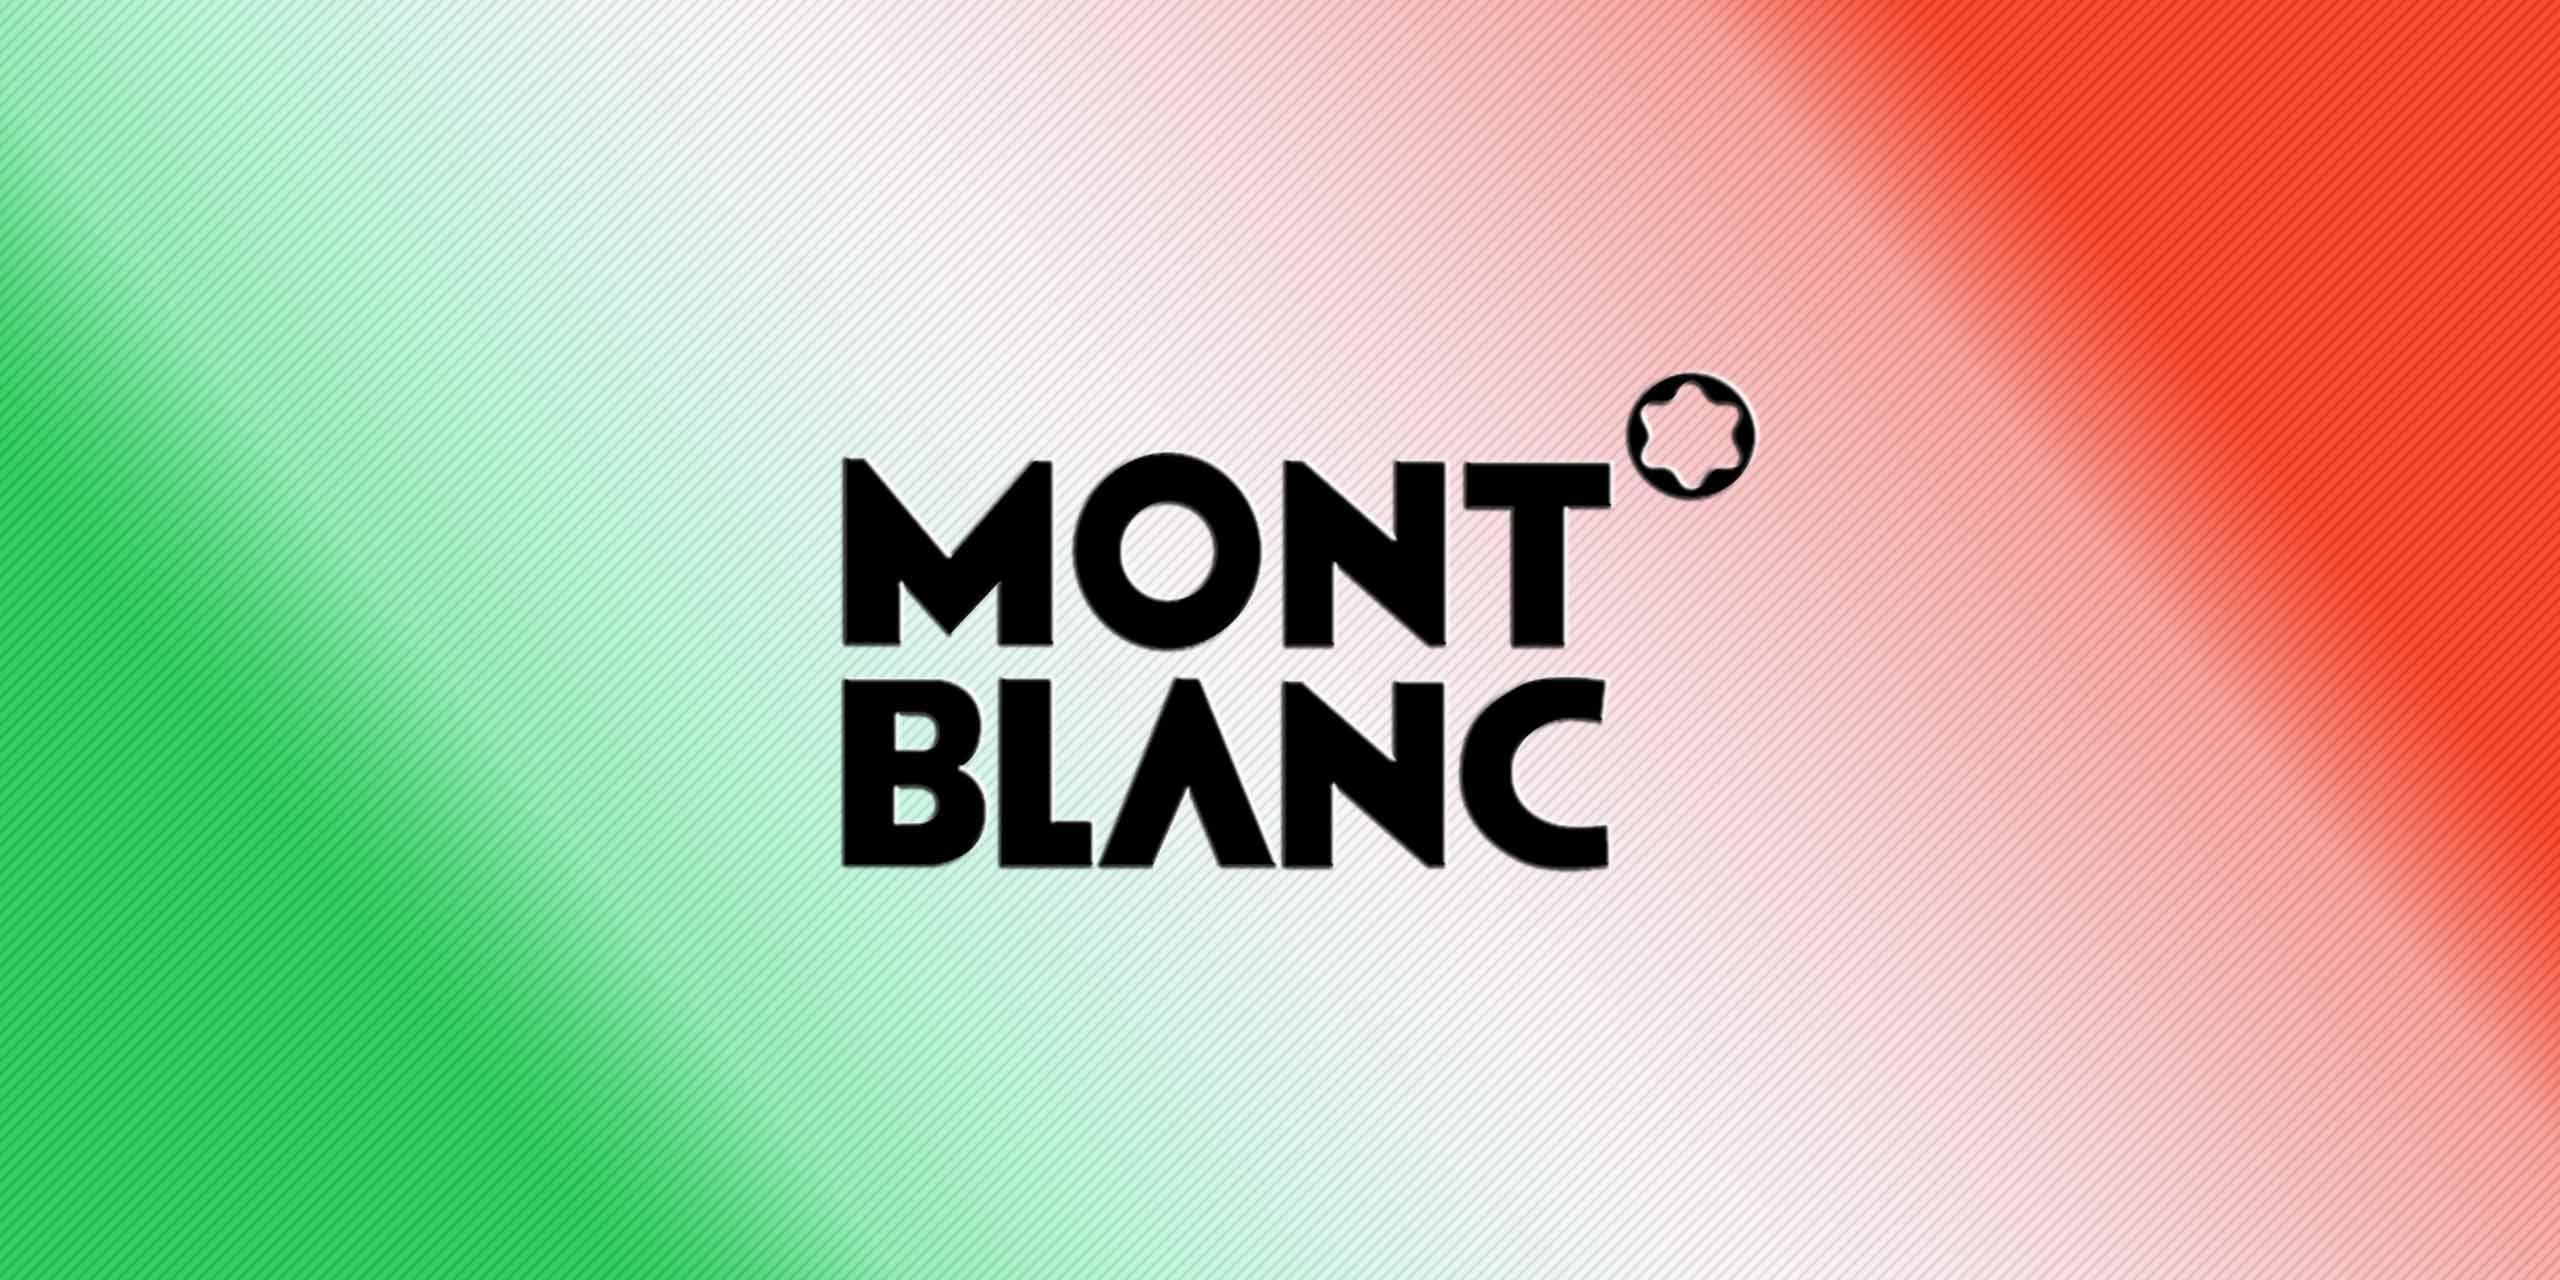 Copertina articolo montblanc